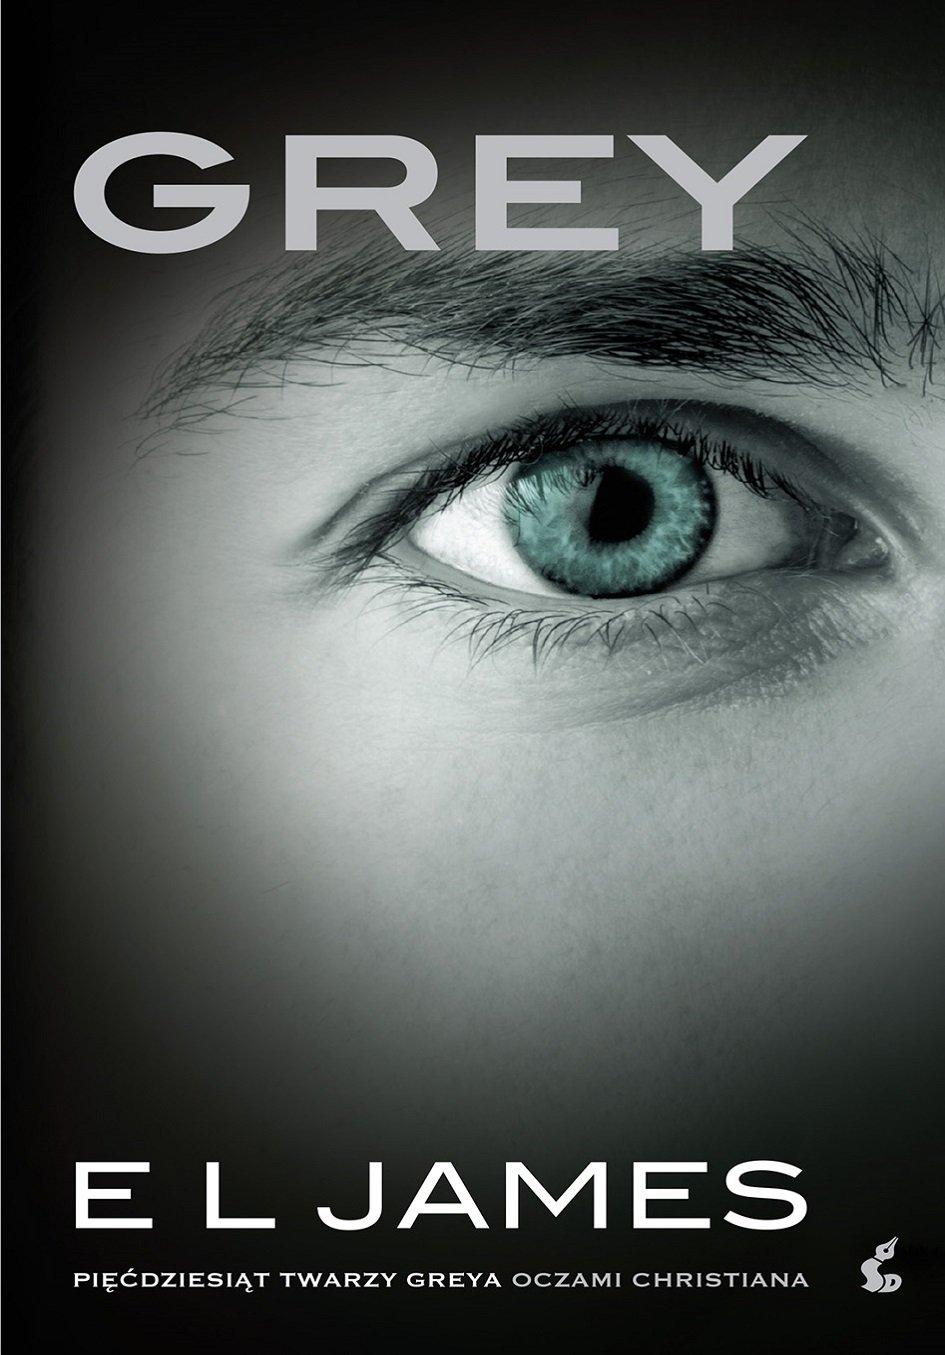 Grey. Pięćdziesiąt twarzy Greya oczami Christiana - Ebook (Książka EPUB) do pobrania w formacie EPUB